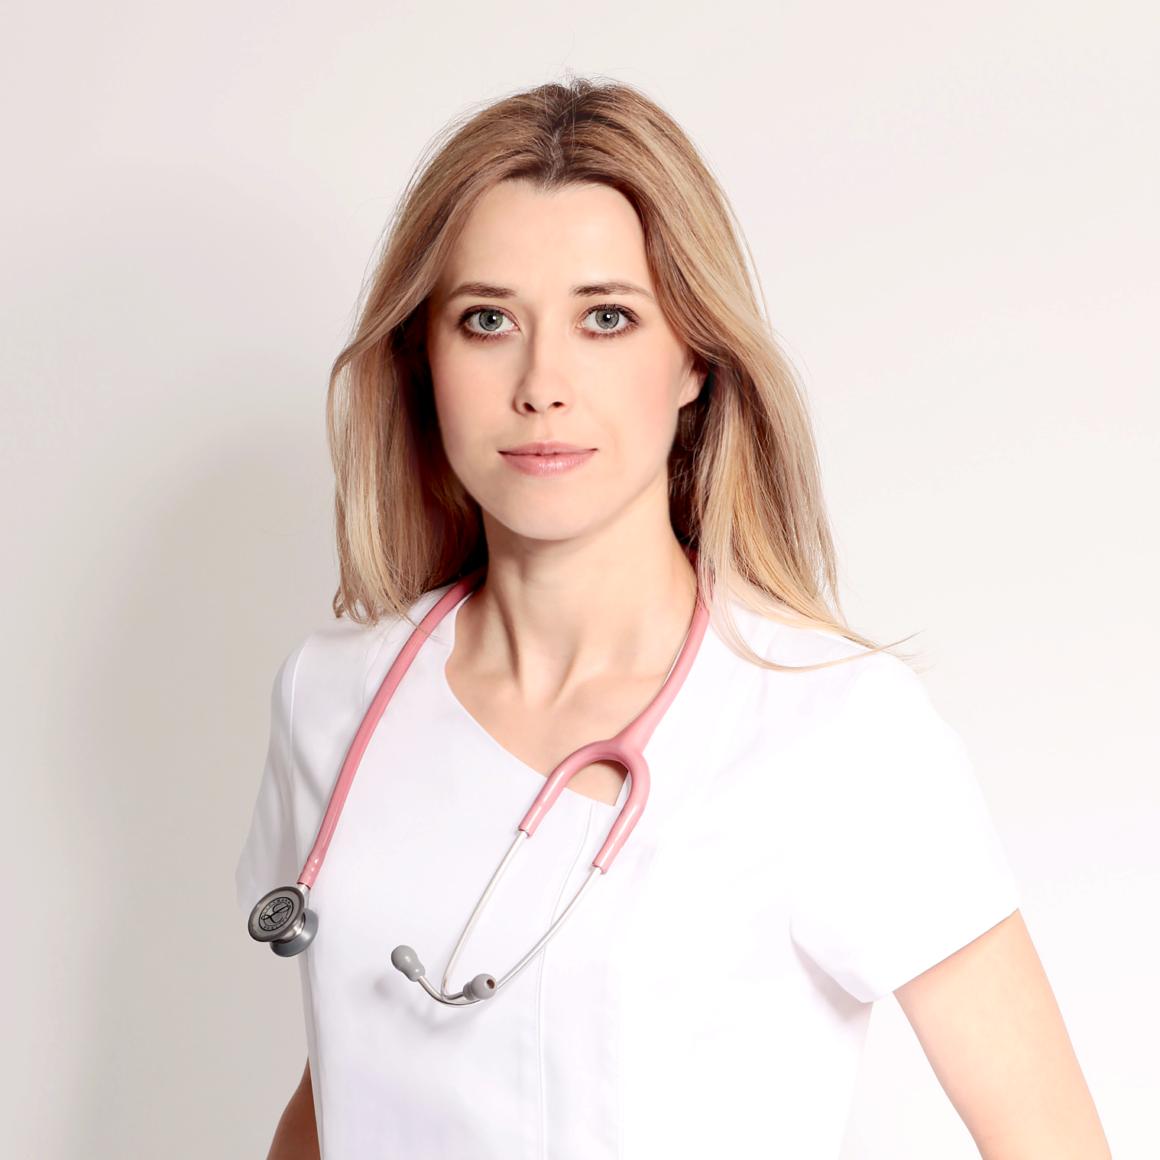 Nowy specjalista w Noble Medicine